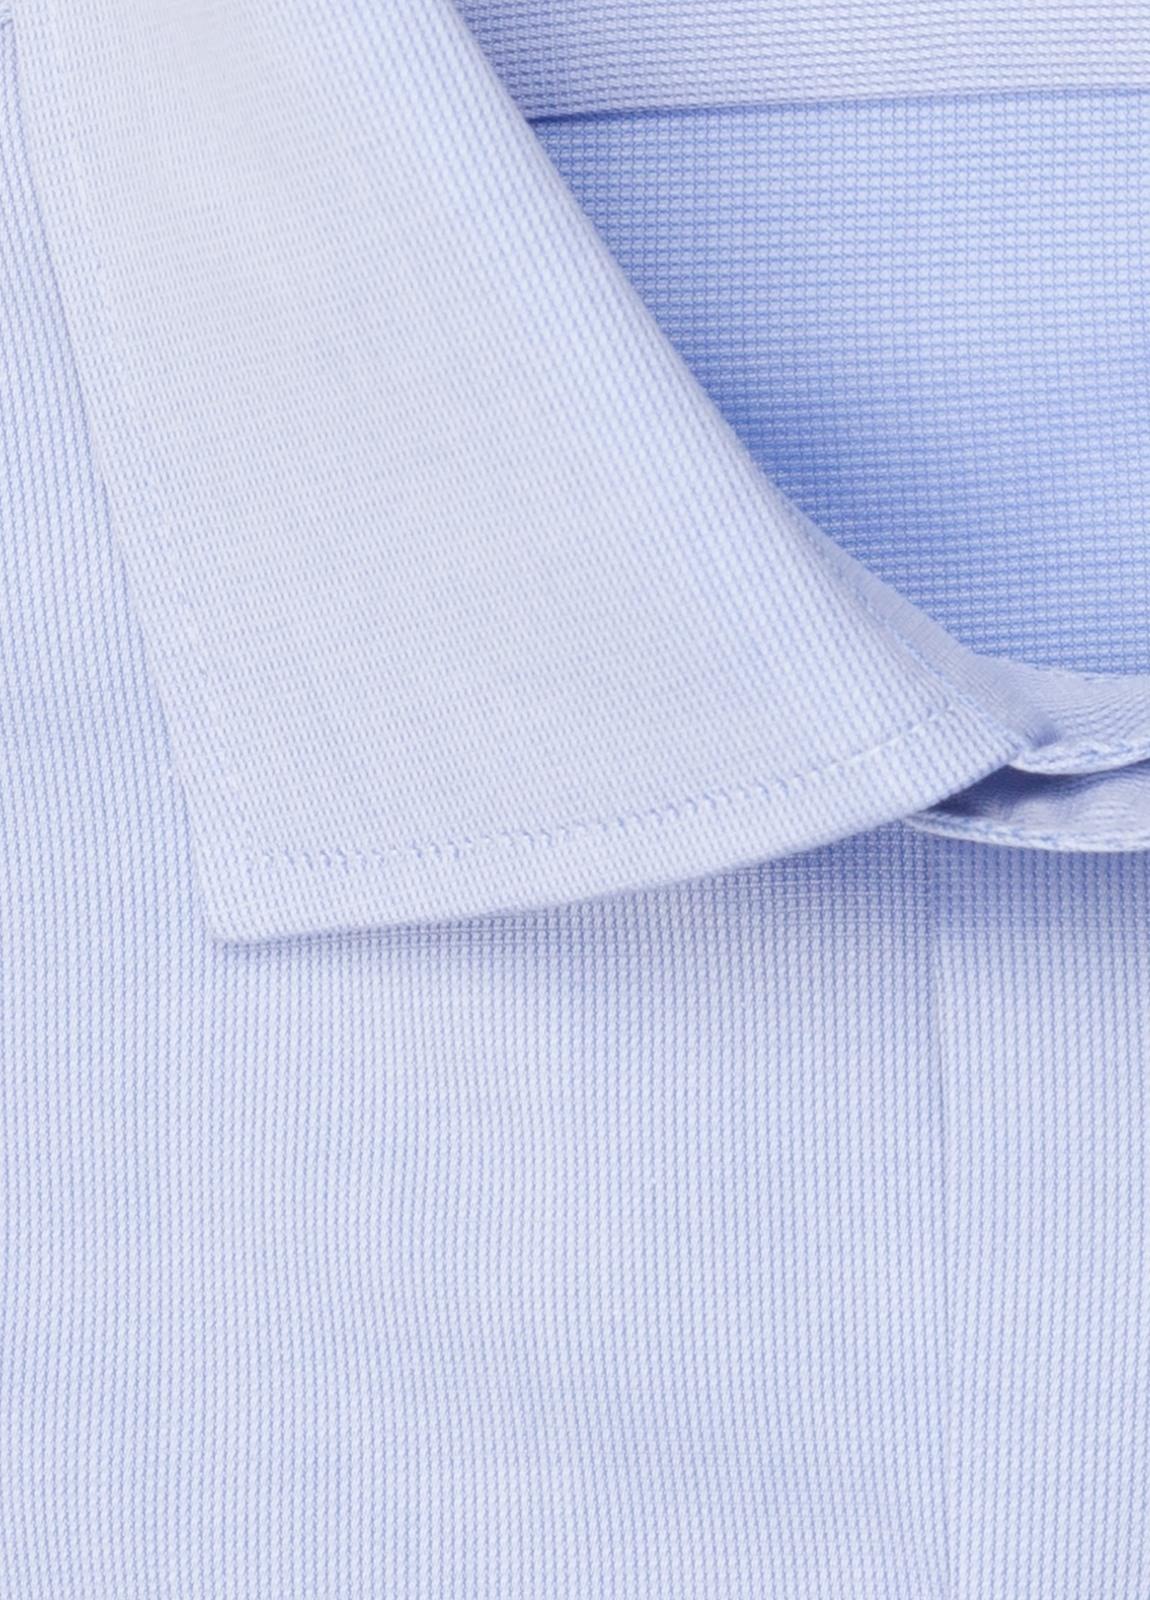 Camisa vestir FUREST COLECCIÓN SLIM FIT cuello italiano piqué celeste - Ítem2